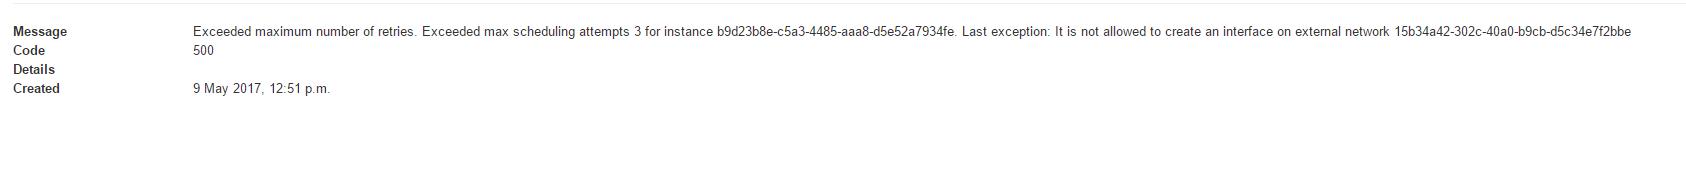 ONAP Installation in Vanilla OpenStack - Developer Wiki - Confluence